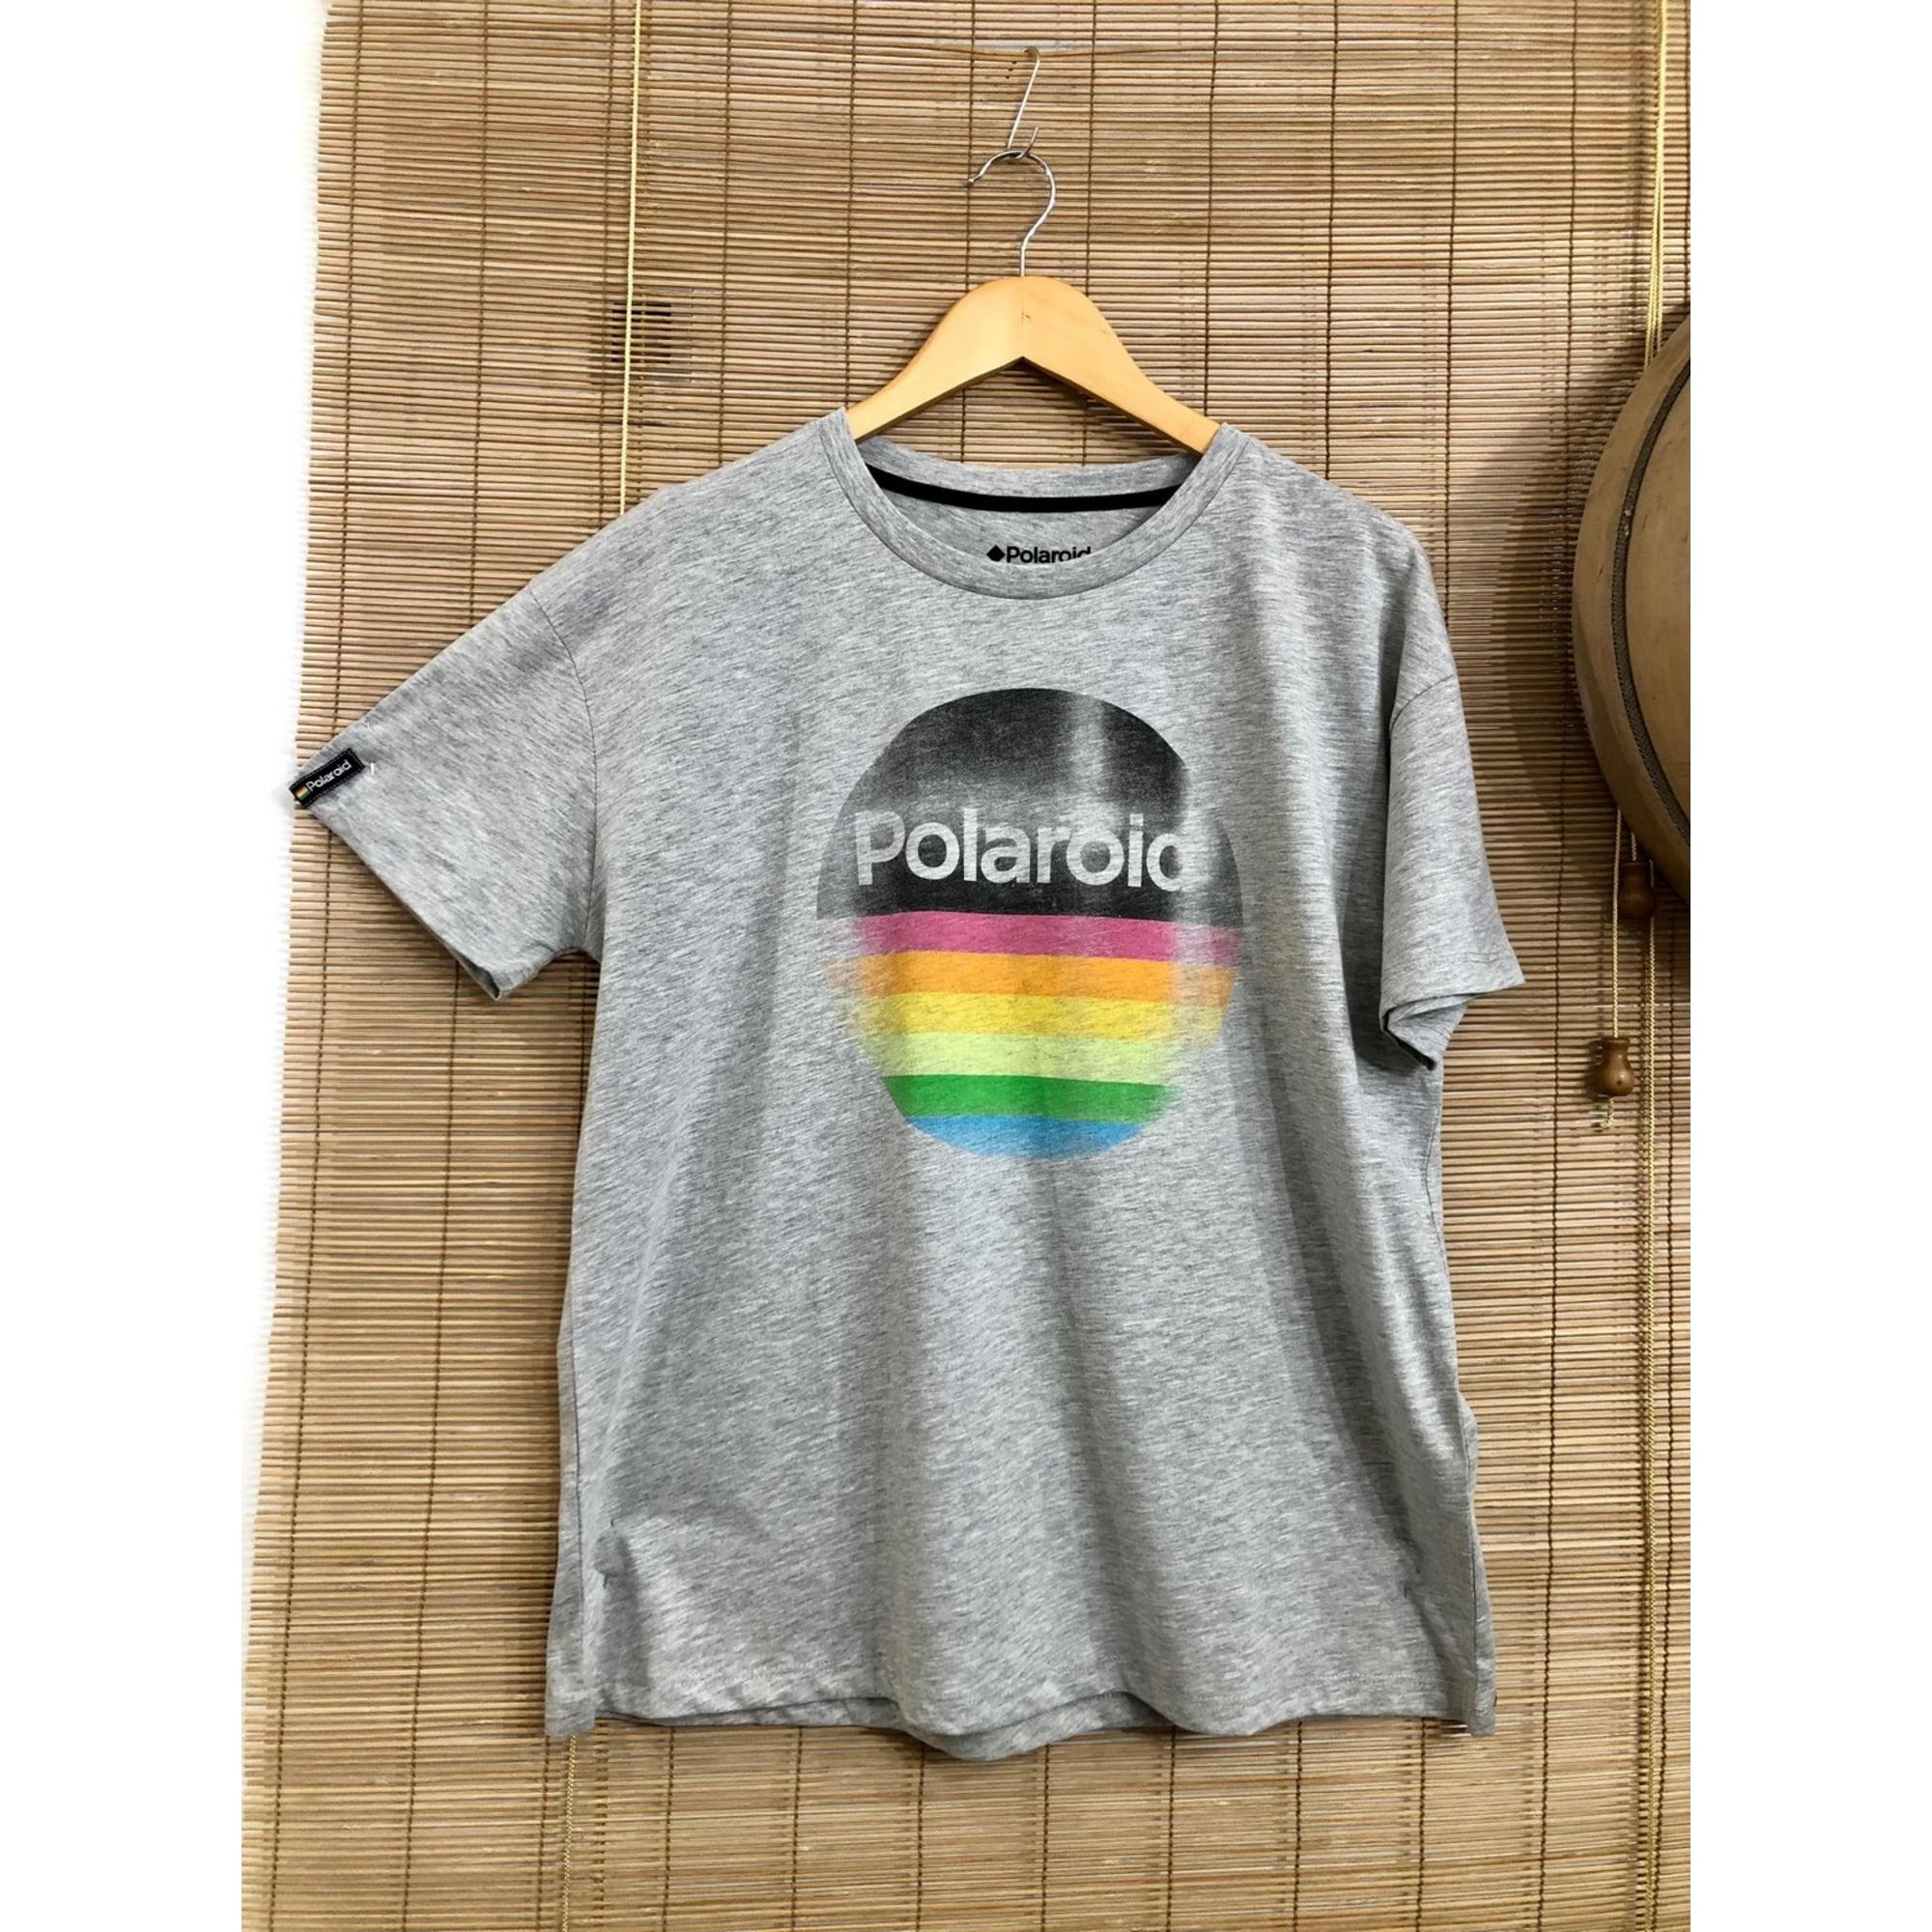 Tee-shirt POLAROID Gris, anthracite